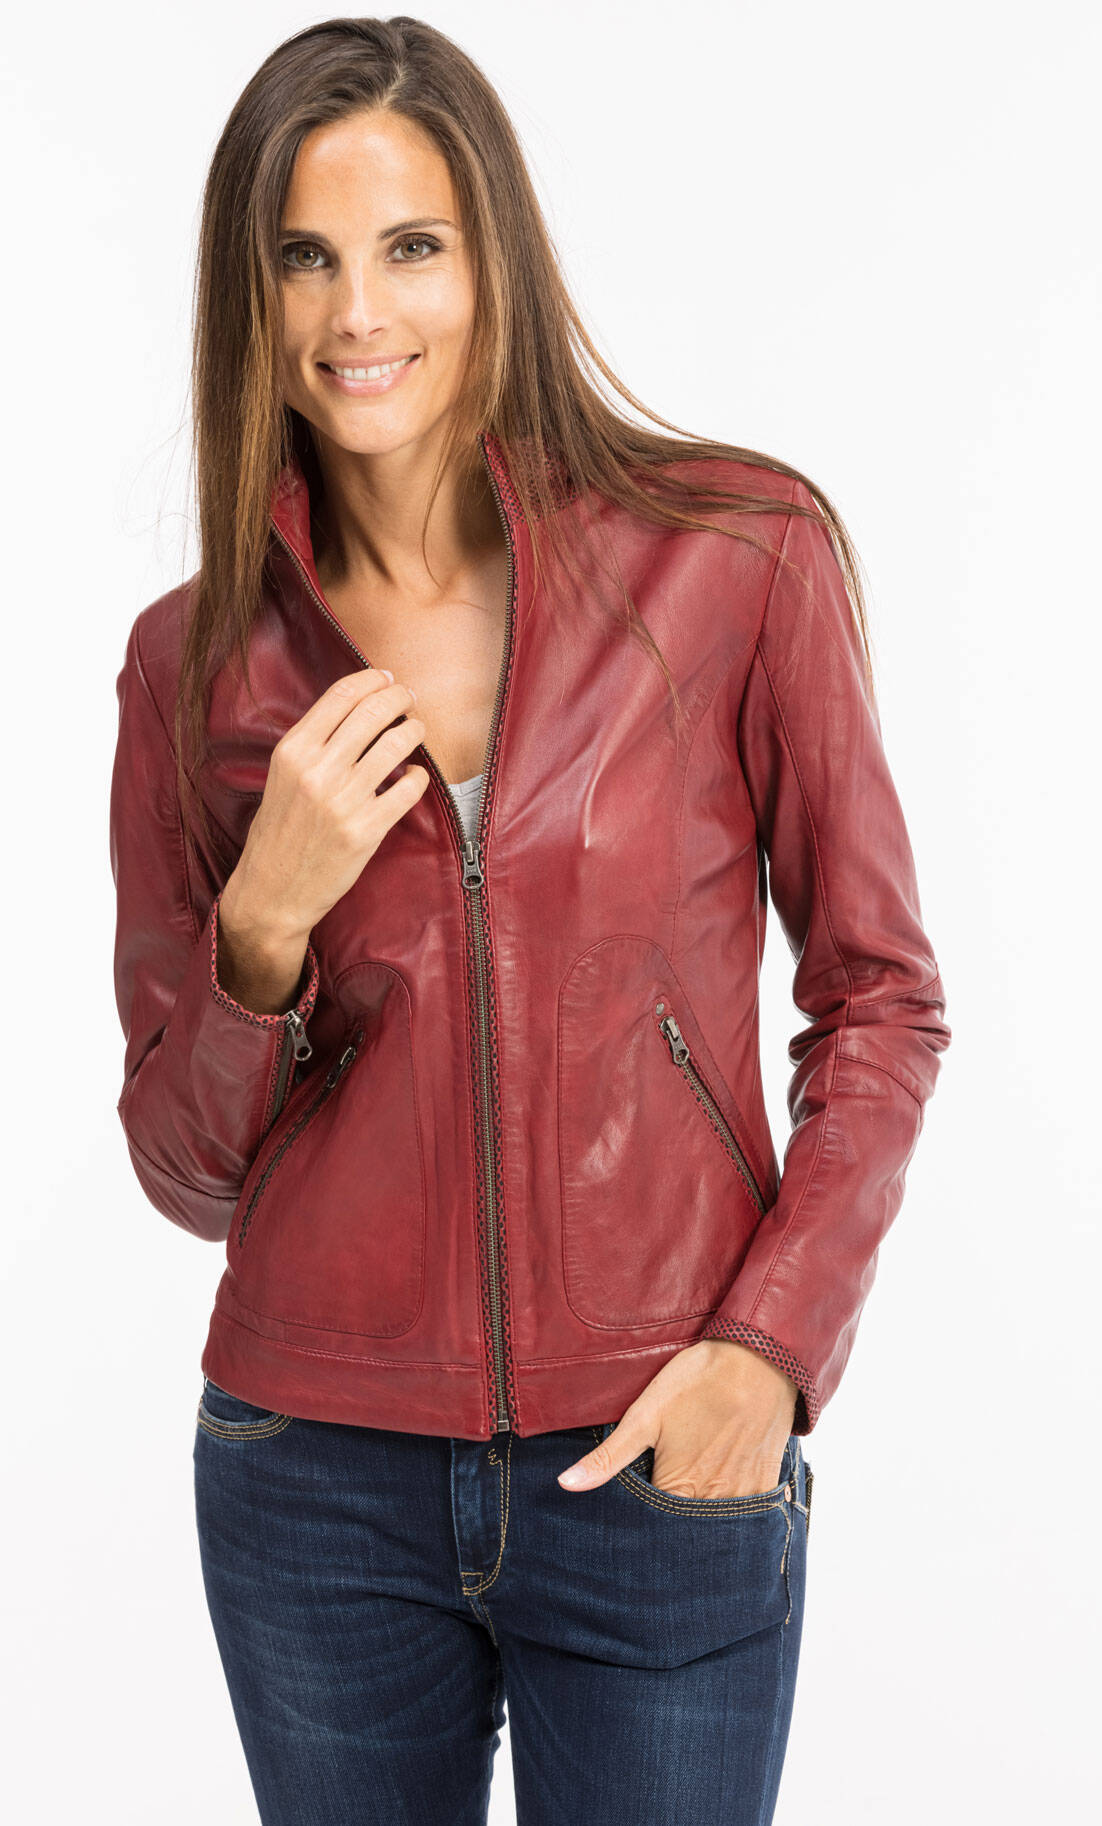 Vêtement en cuir Vestes cuir rouge